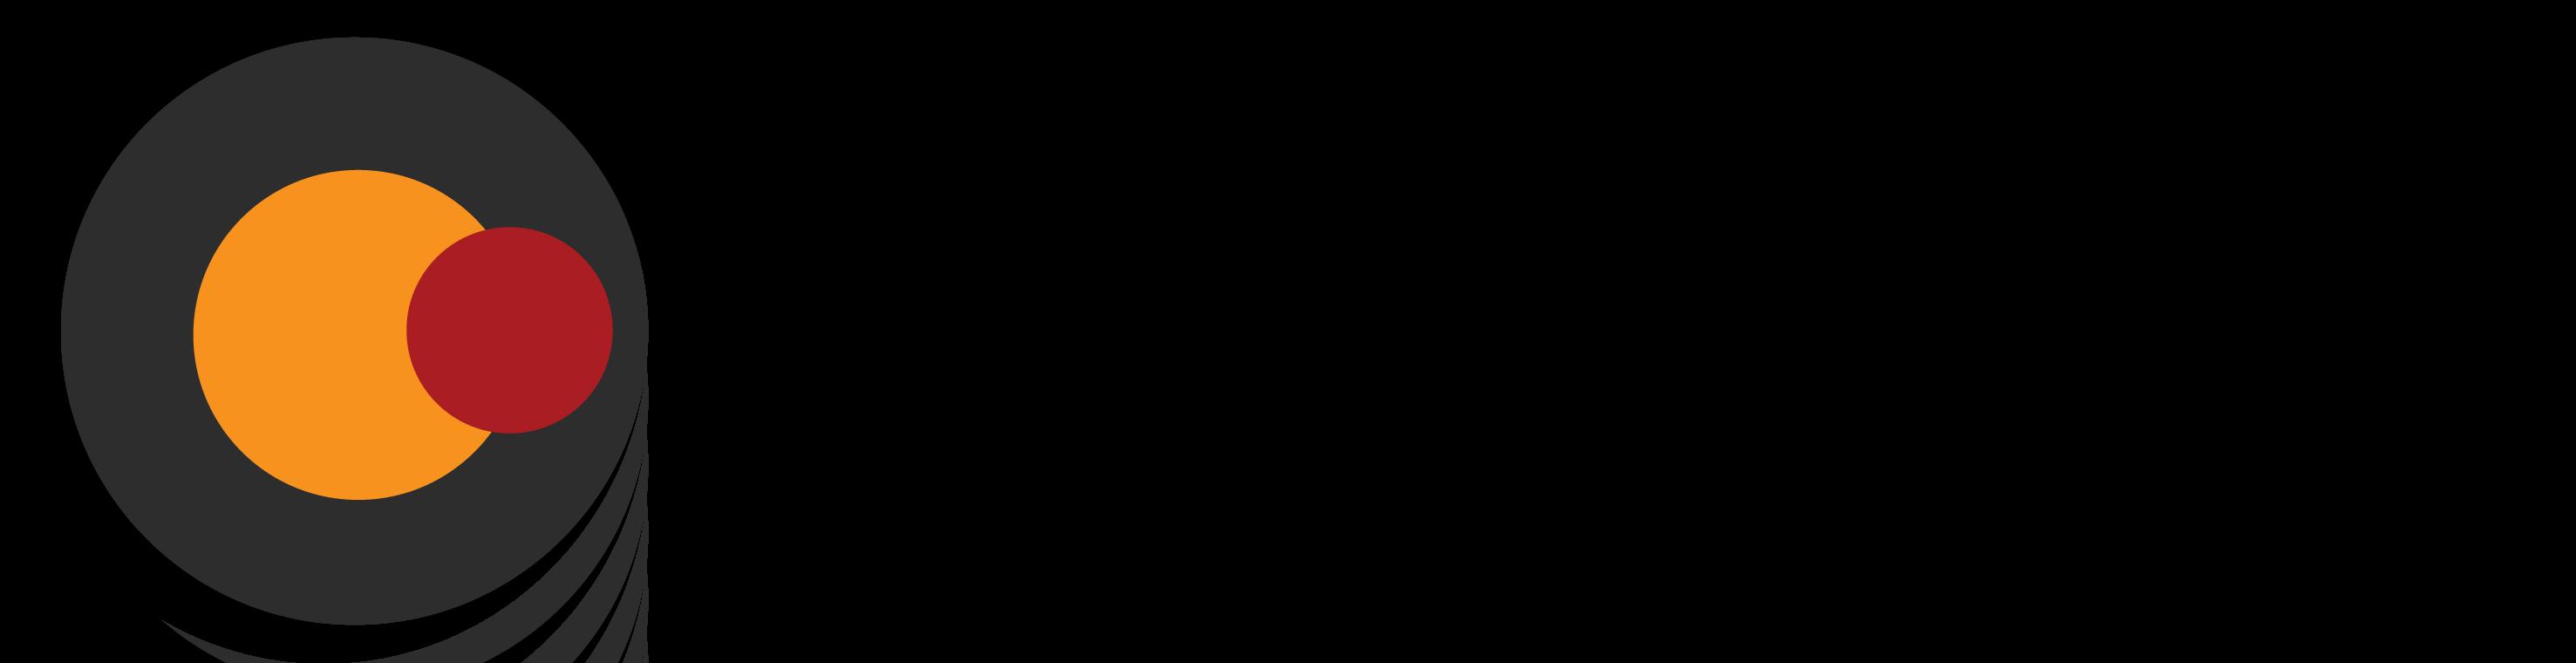 SafeShops.be logo